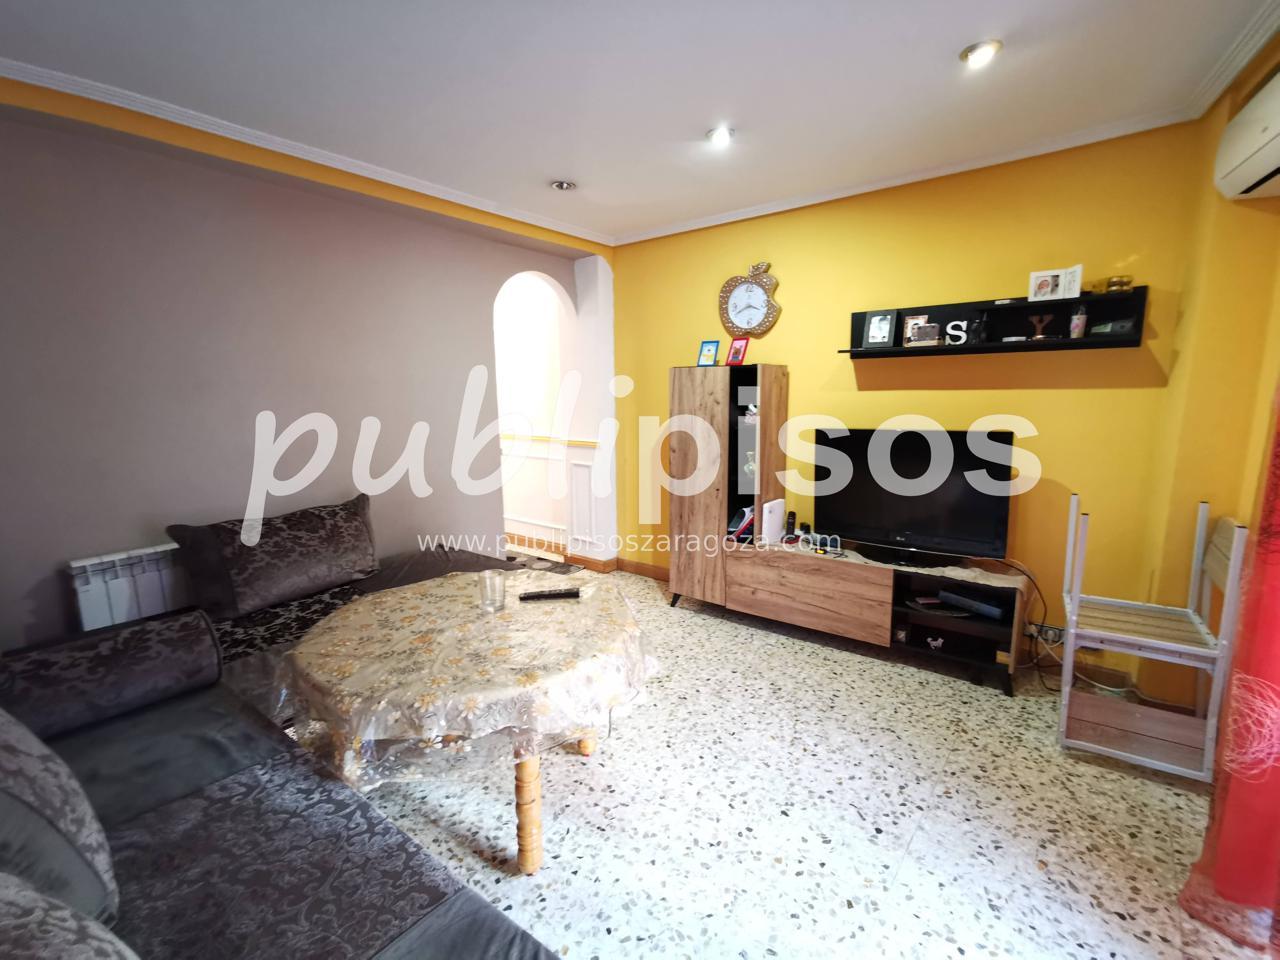 Piso venta calle Caspe Delicias Zaragoza-37